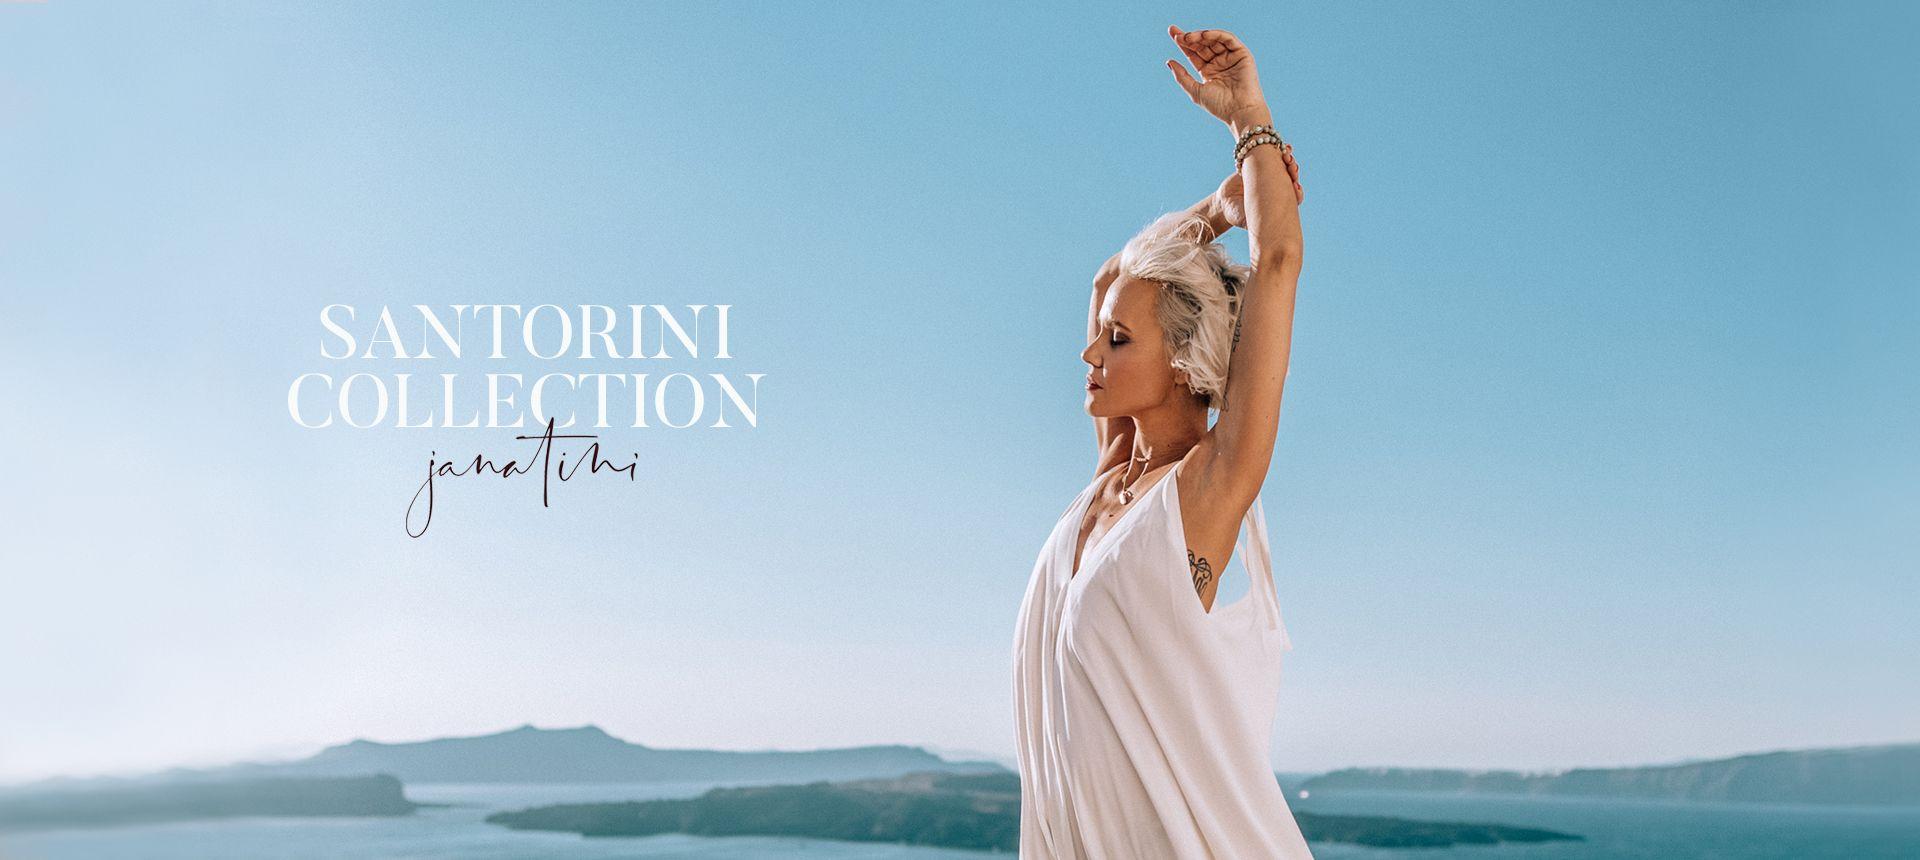 Jana Tini Santorini Collection Overal